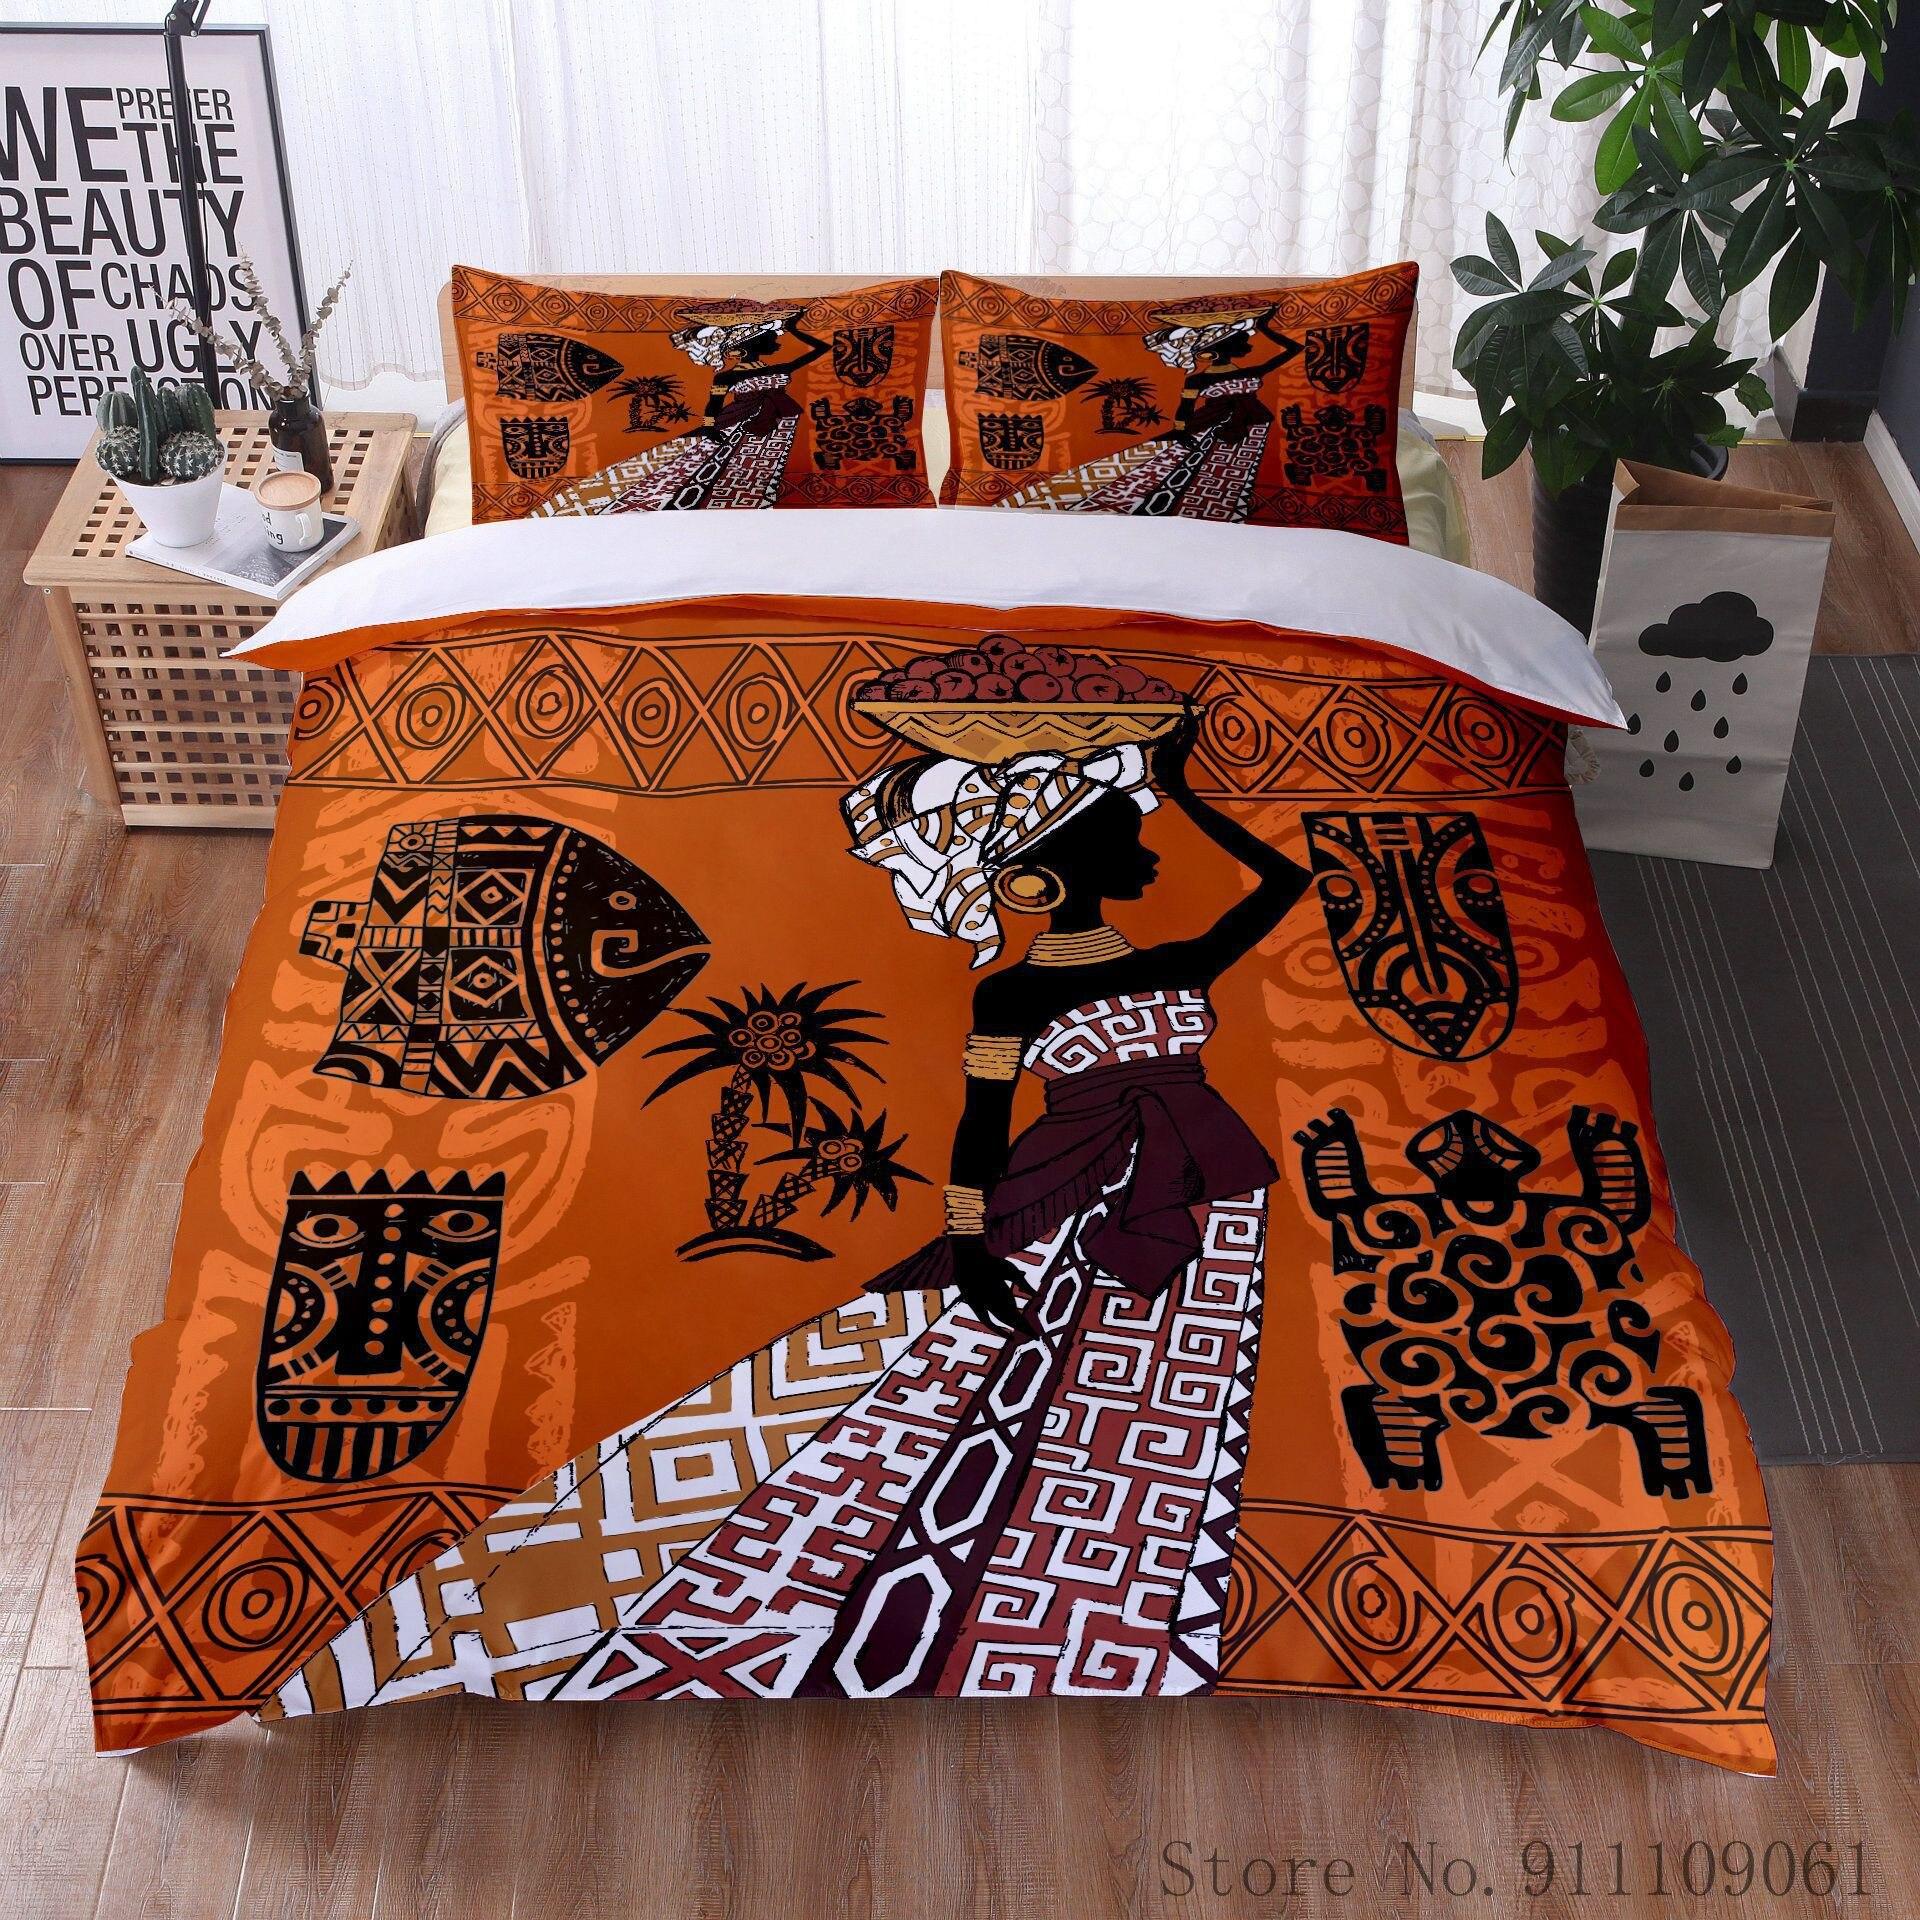 طقم أغطية سرير بنمط عرقي للرقص ، غطاء وسادة وغطاء لحاف من البوليستر ، طقم سرير مزخرف لغرفة النوم ، منسوجات منزلية